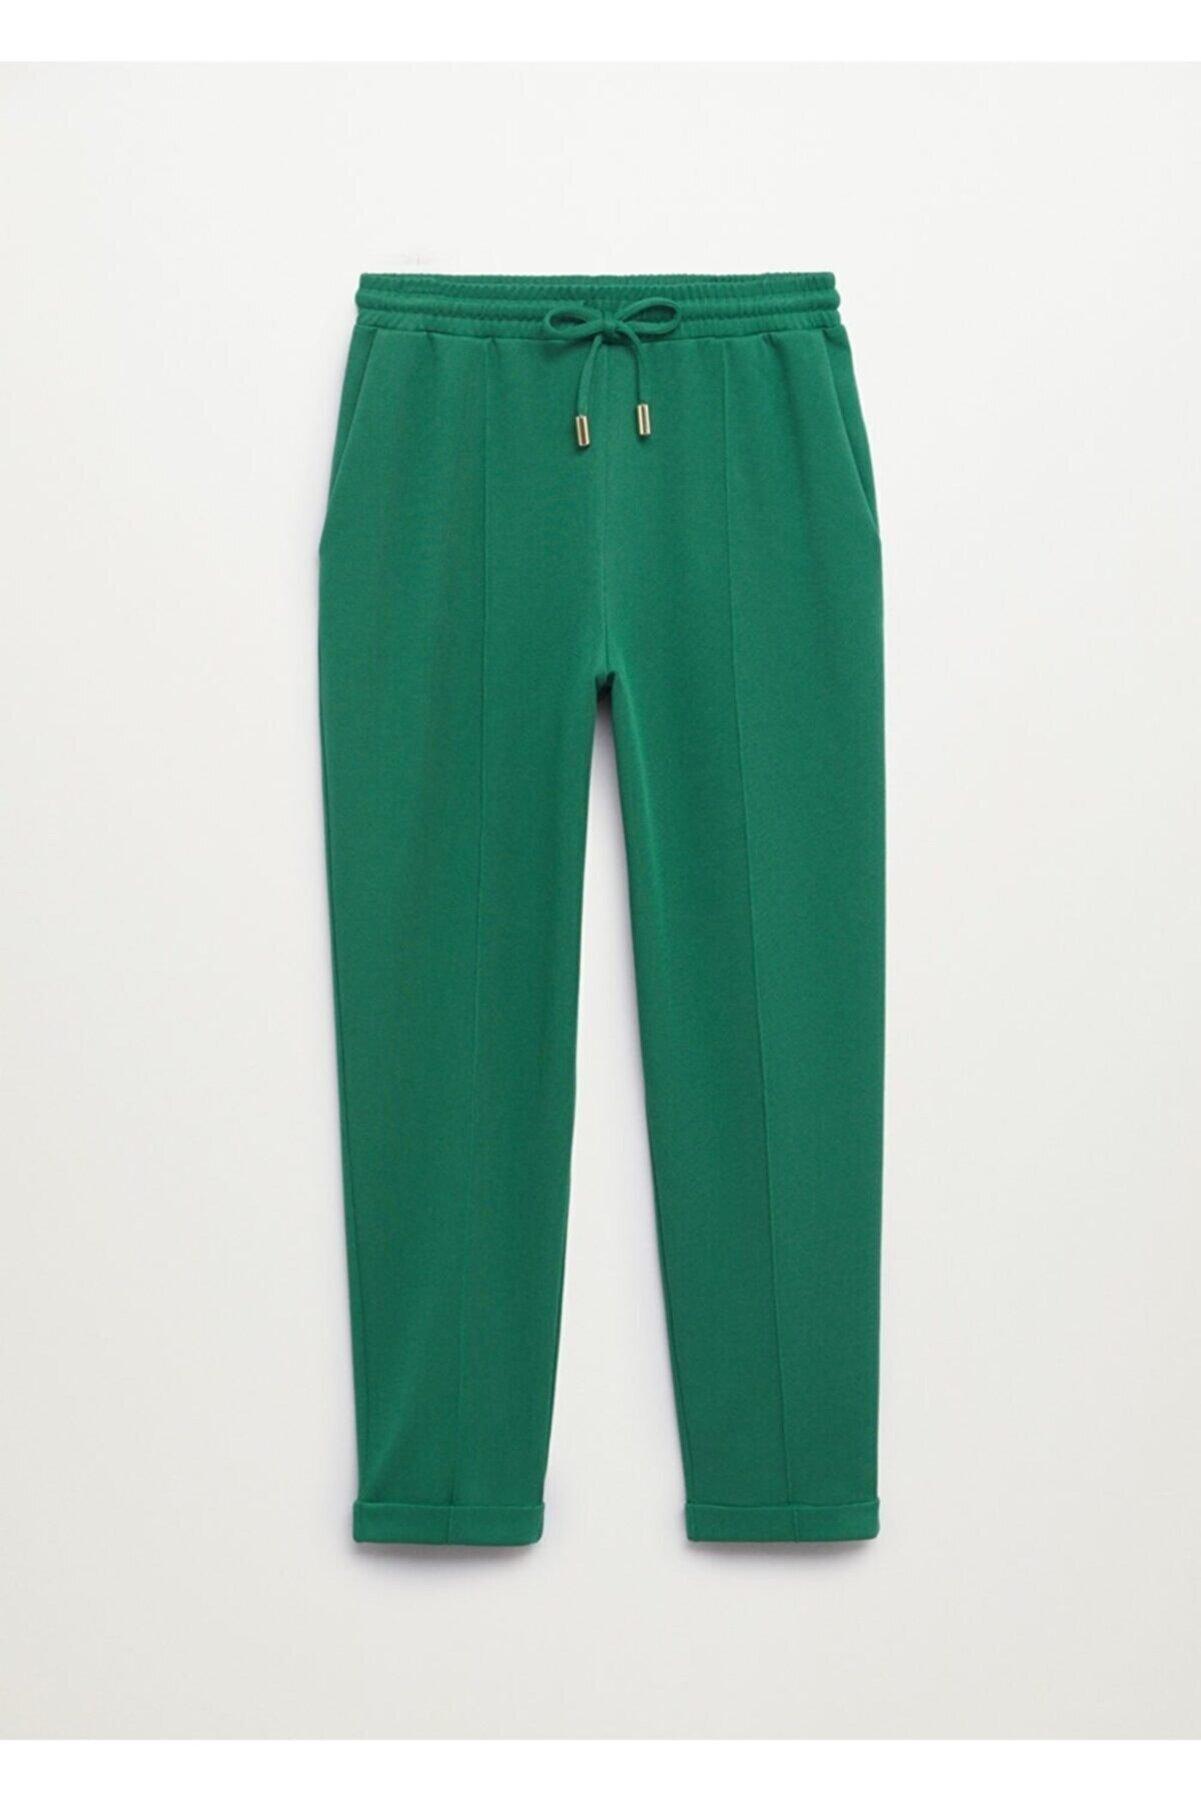 Mango Kadın Koyu Yeşil Jogger Tarz Pamuklu Pantolon